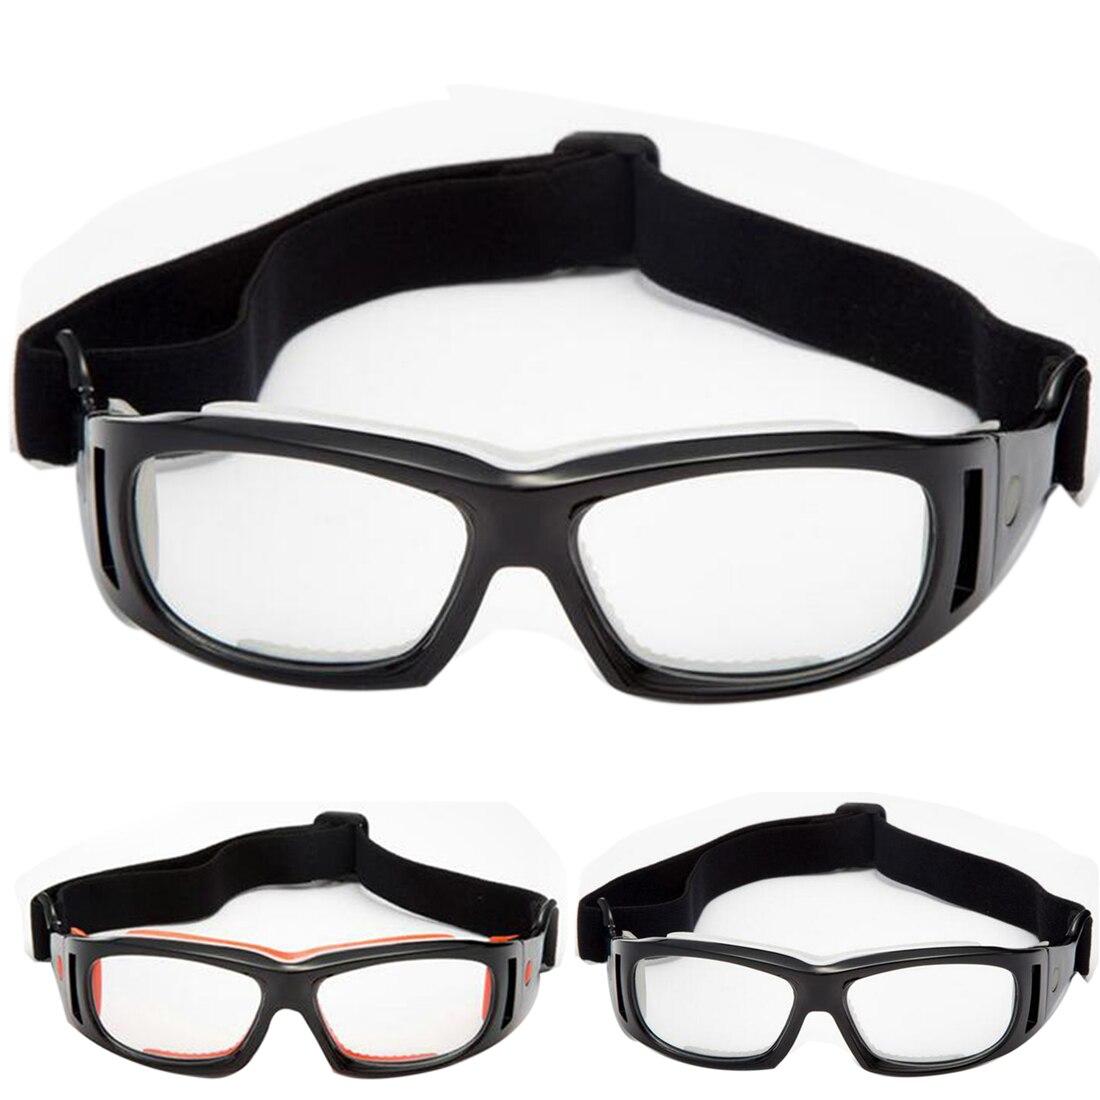 Compra gafas de baloncesto regate online al por mayor de - Gafas de proteccion ...